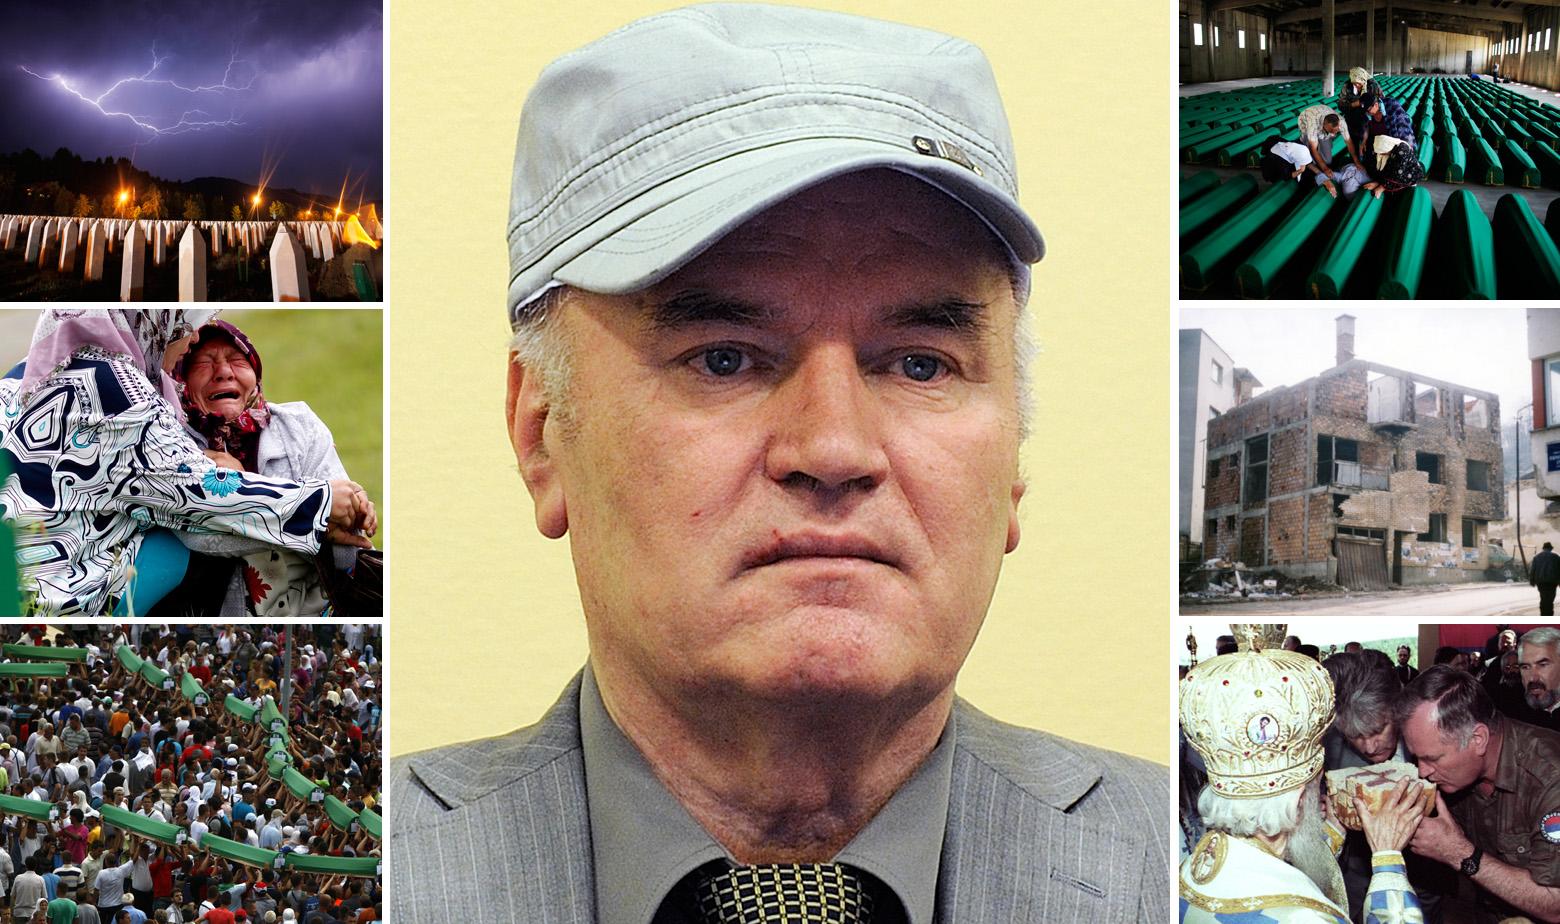 Ratko Mladić u sredini (2012.) i dolje desno s Radovanom Karadžićem i patrijarhom SPC-a Pavlom (1995.). Ostale fotografije iz Srebrenice i Memorijalnog centra Potočari